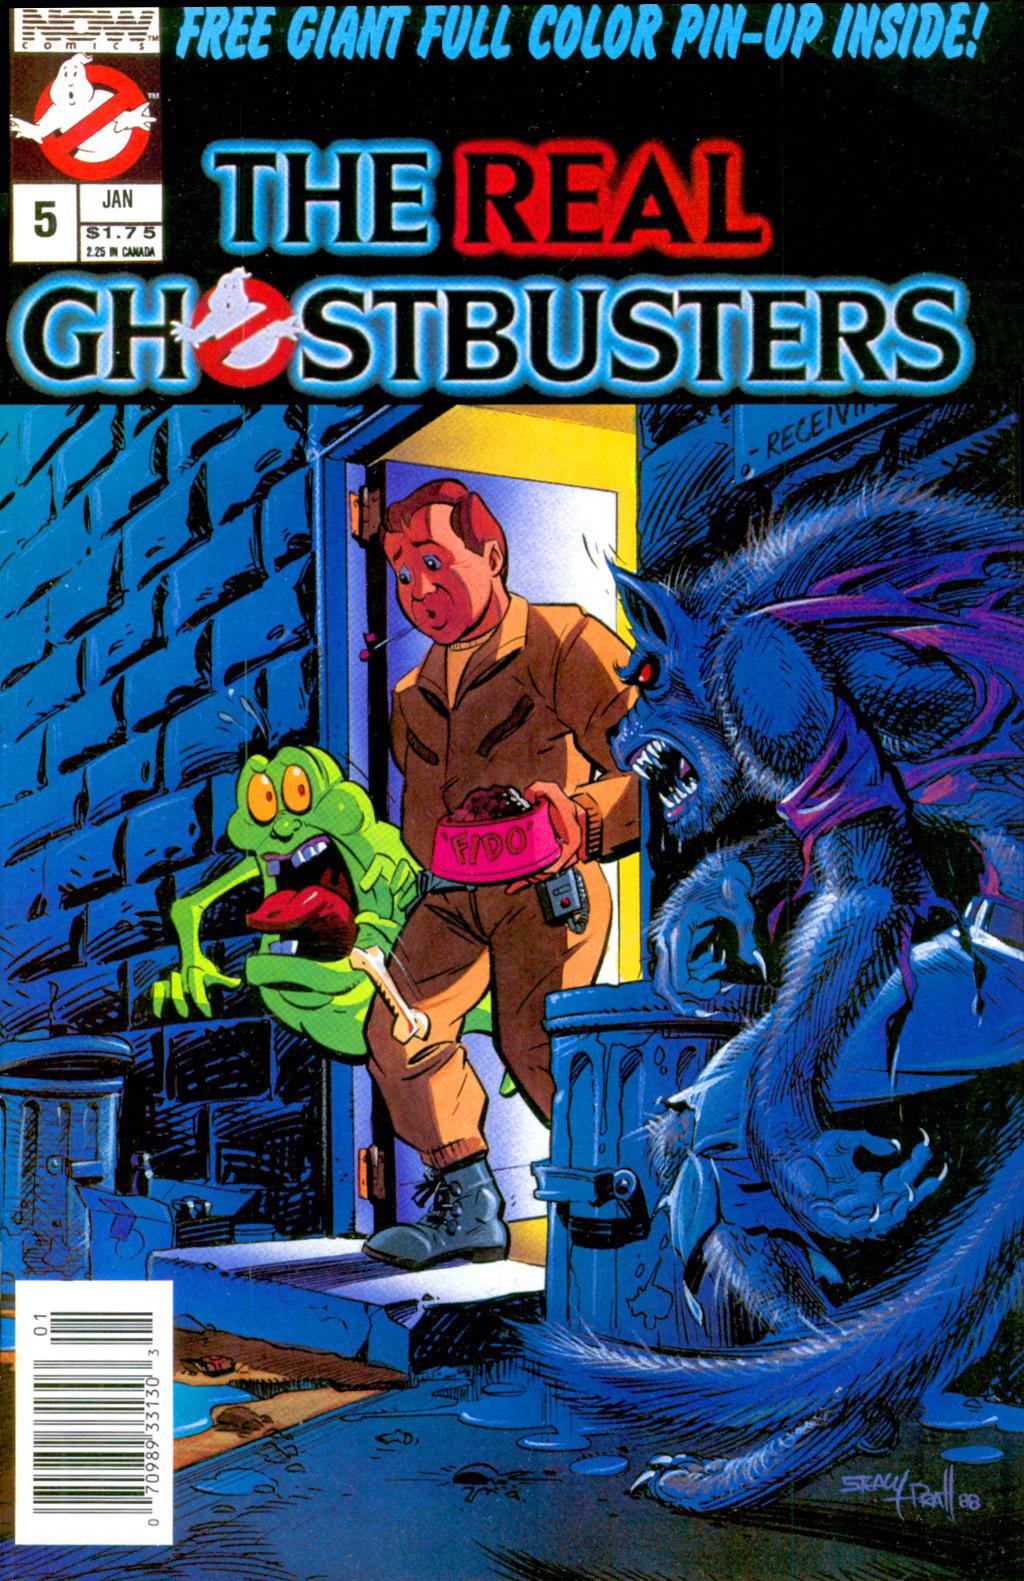 NOW Comics Vol. 1-5